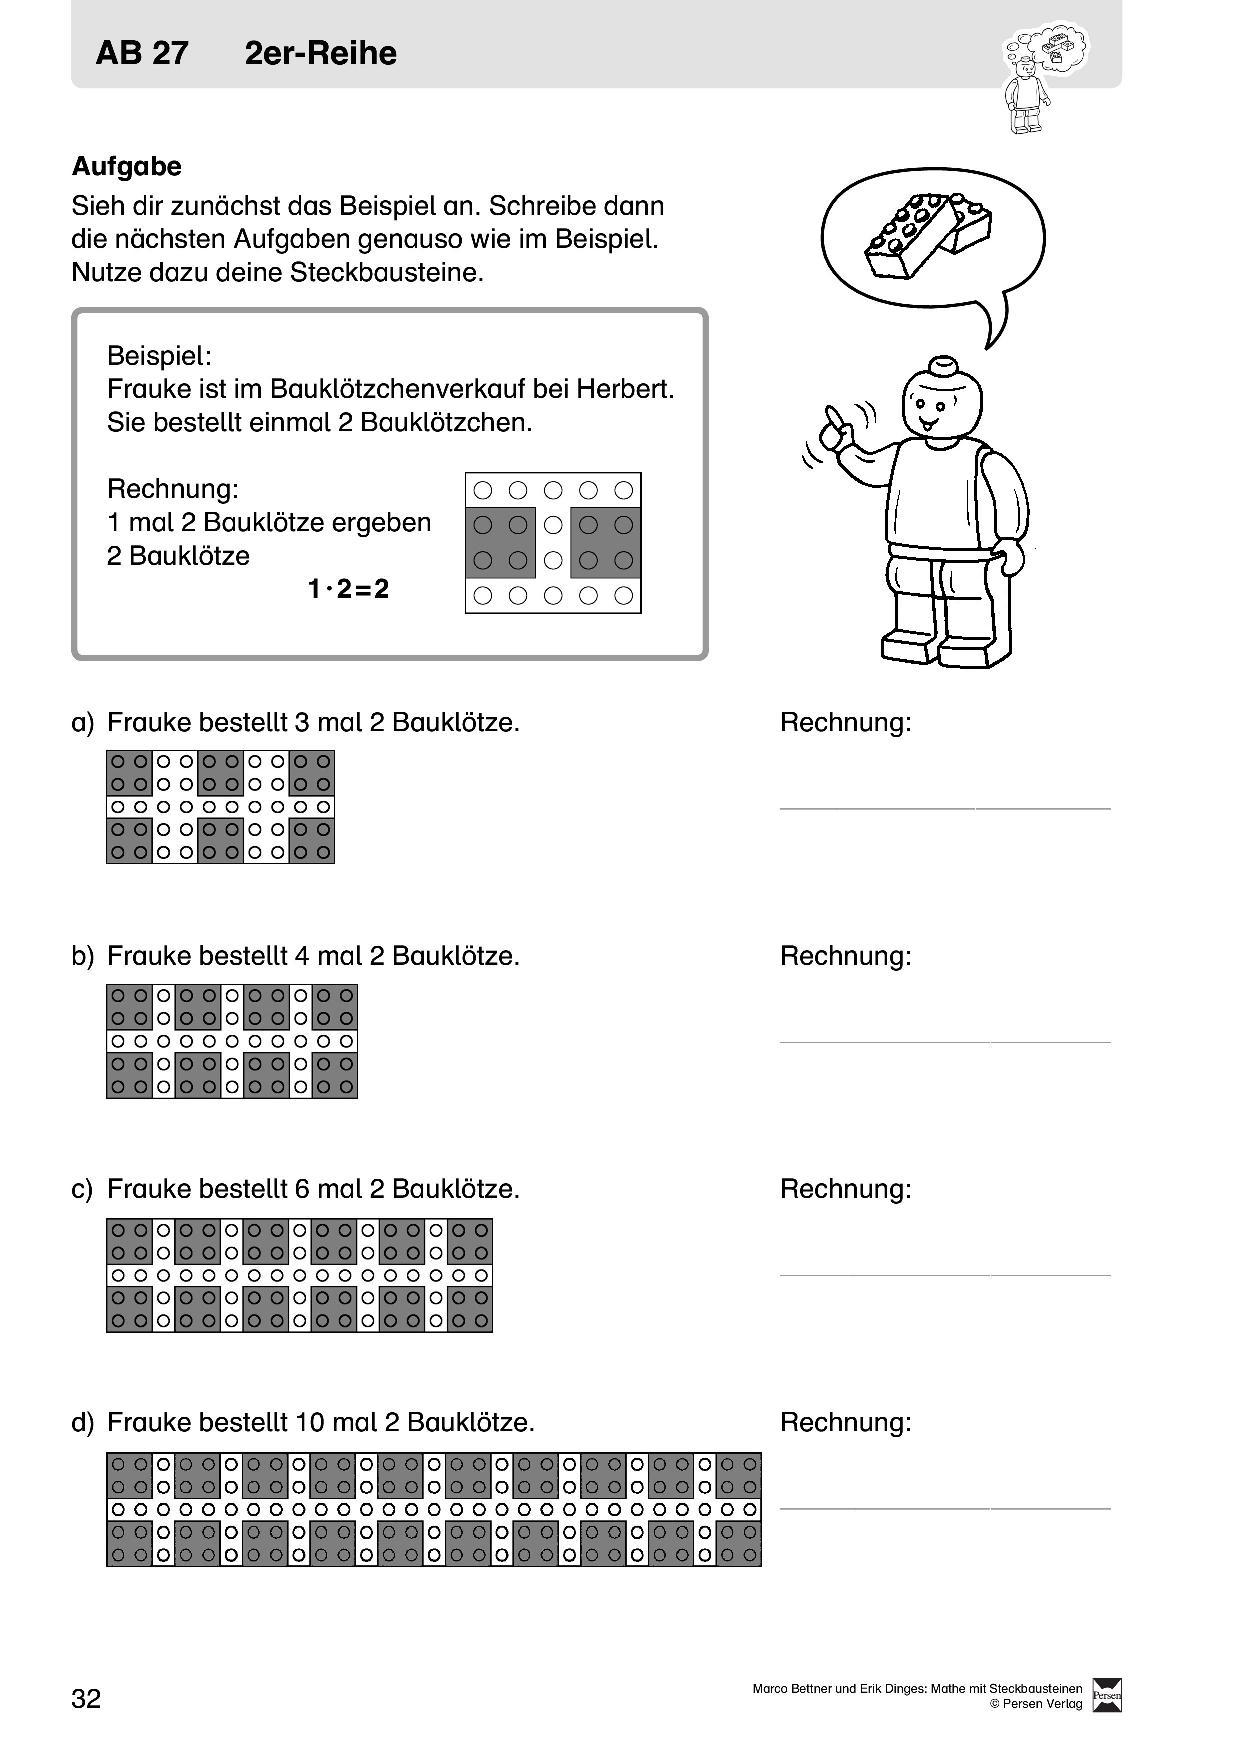 Mathematik_Kopiervorlagen mit praktischen Aufgaben zur Multiplikation